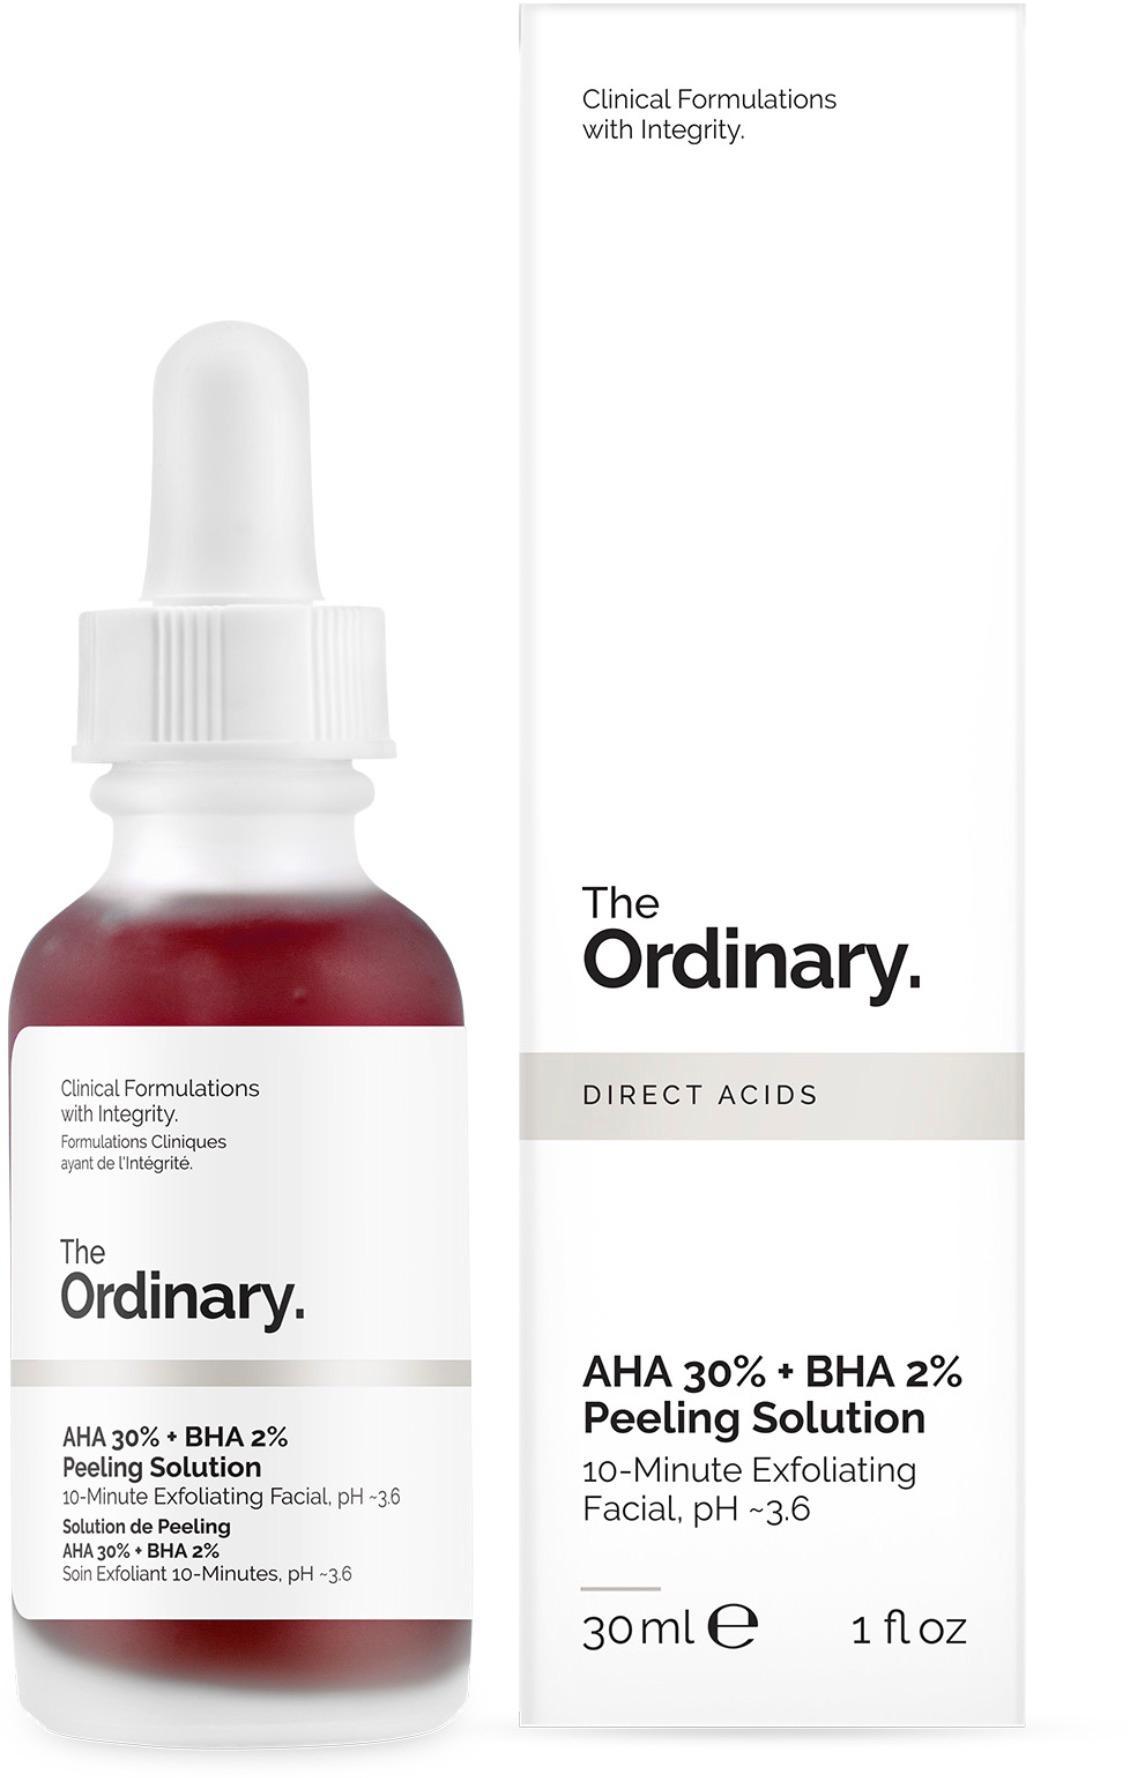 AHA + BHA, The Ordinary